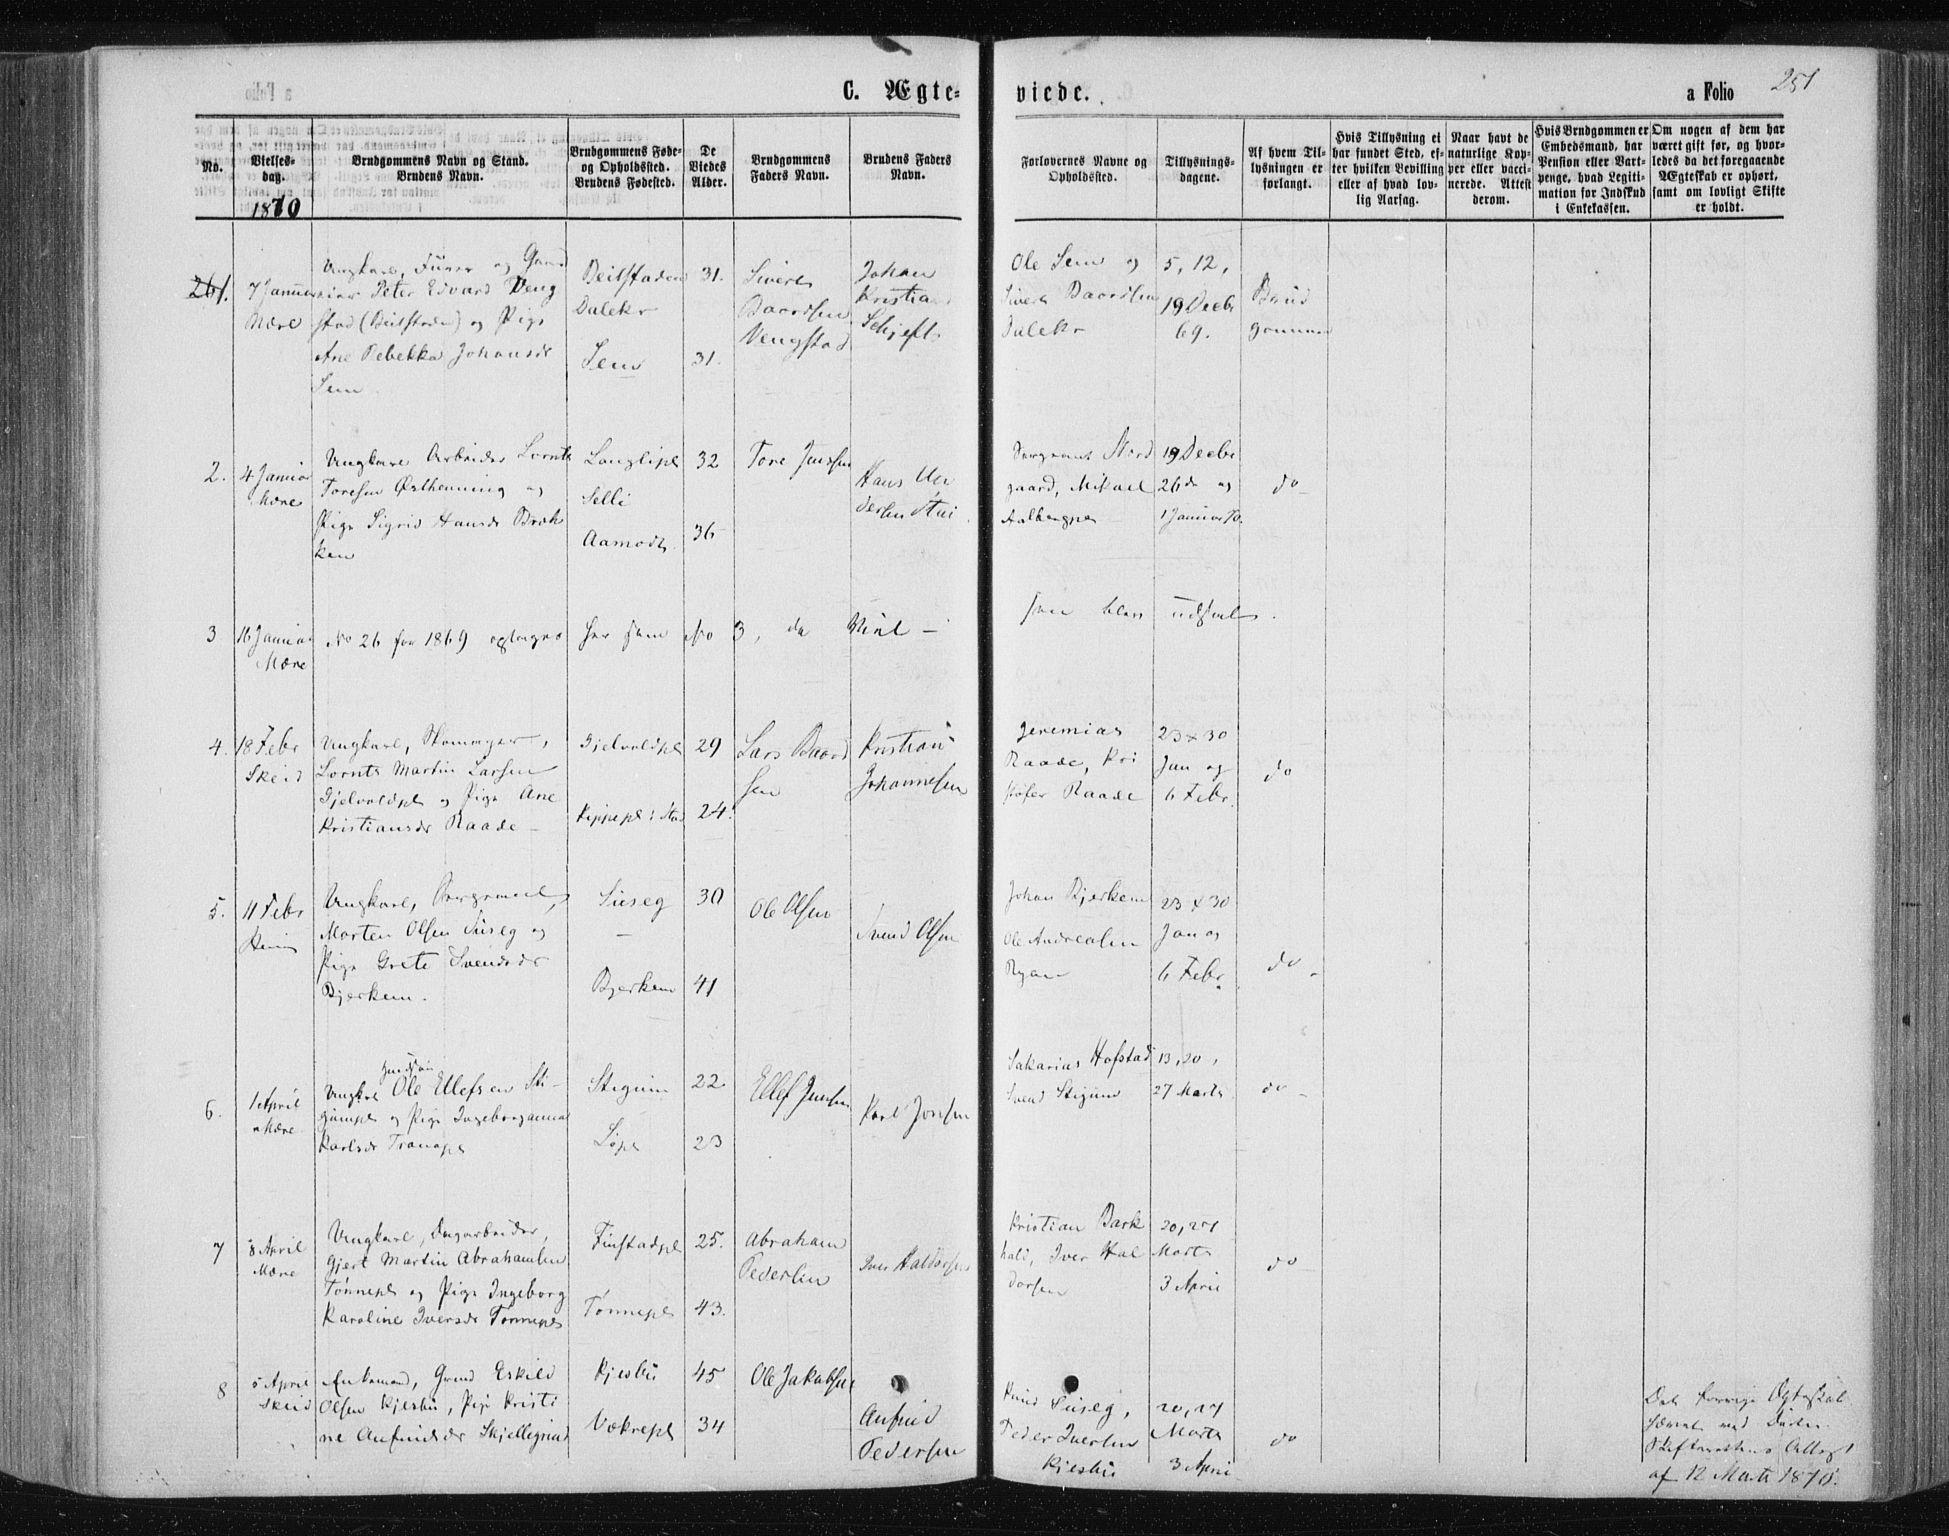 SAT, Ministerialprotokoller, klokkerbøker og fødselsregistre - Nord-Trøndelag, 735/L0345: Ministerialbok nr. 735A08 /1, 1863-1872, s. 251